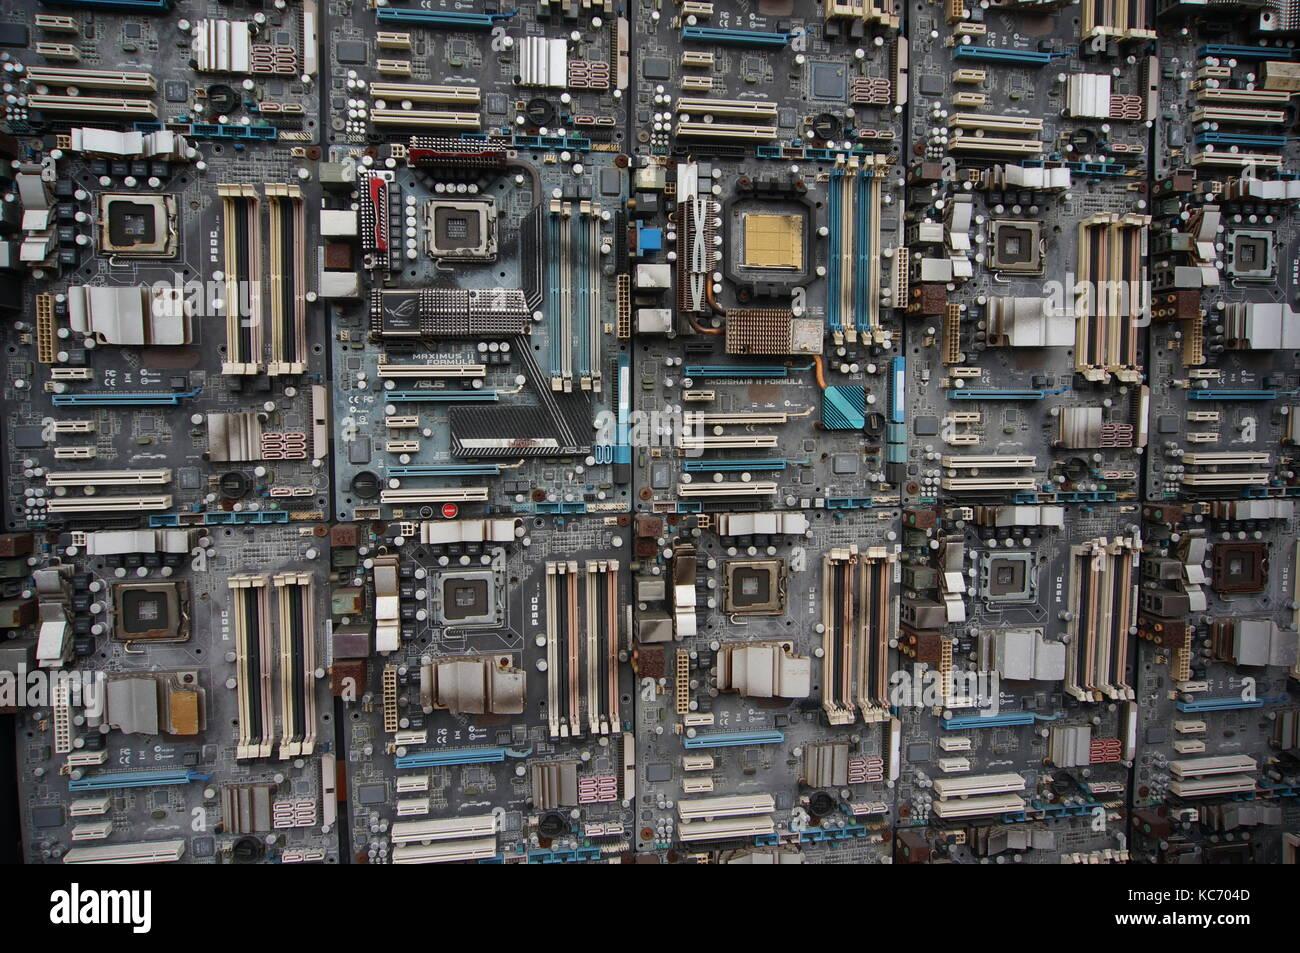 Alte Leiterplatten Stockfoto, Bild: 162422973 - Alamy